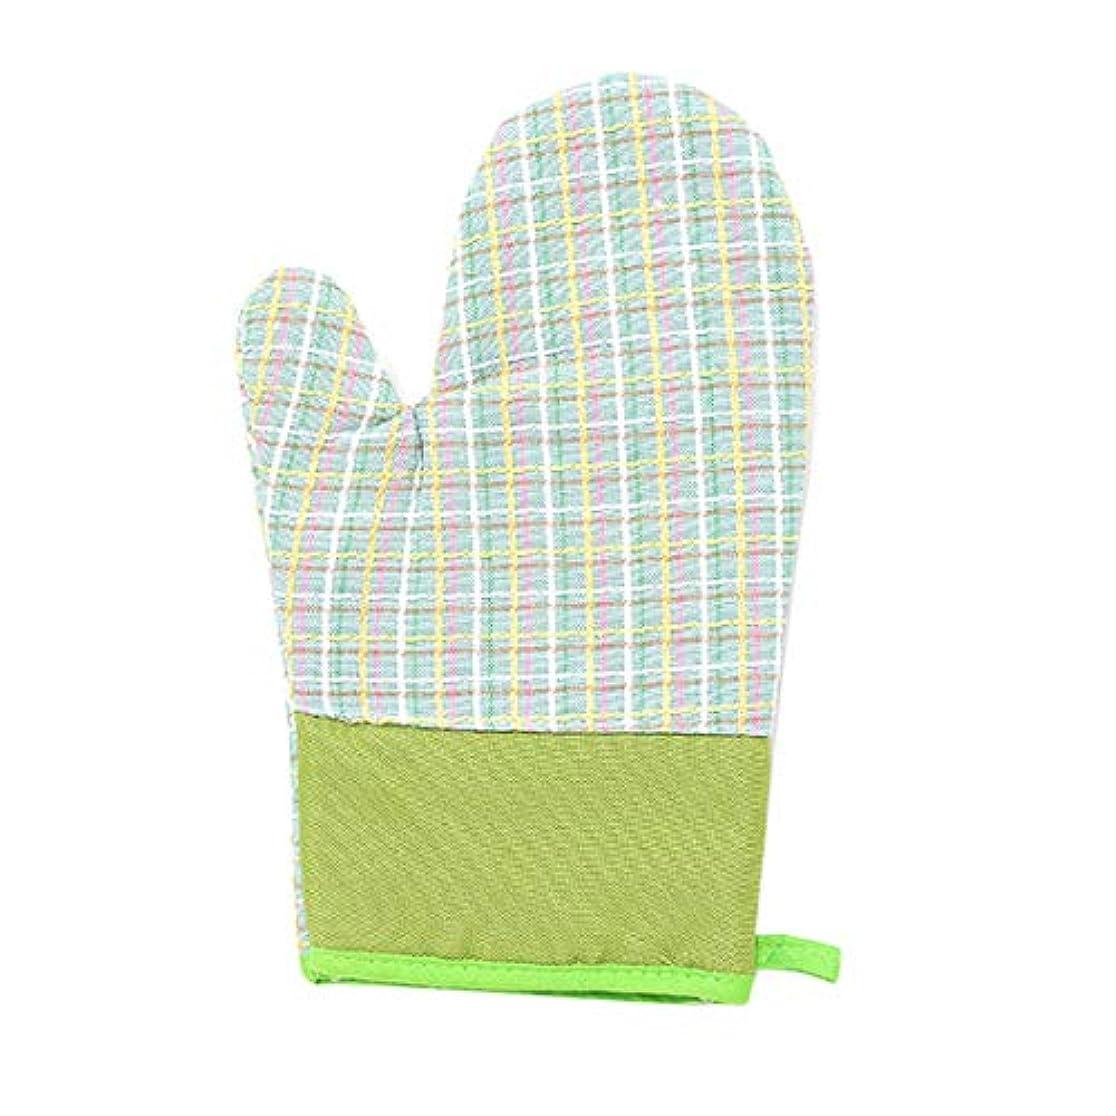 ナンセンスレンジ現れるXianheng1 電子レンジ手袋 手袋 電子レンジ 断熱手袋 耐熱手袋 キッチン用手袋 調理用手袋 キッチン手袋 耐熱ミトン 焼き付き防止手袋 断熱火傷防止 焼け止め 2個 緑